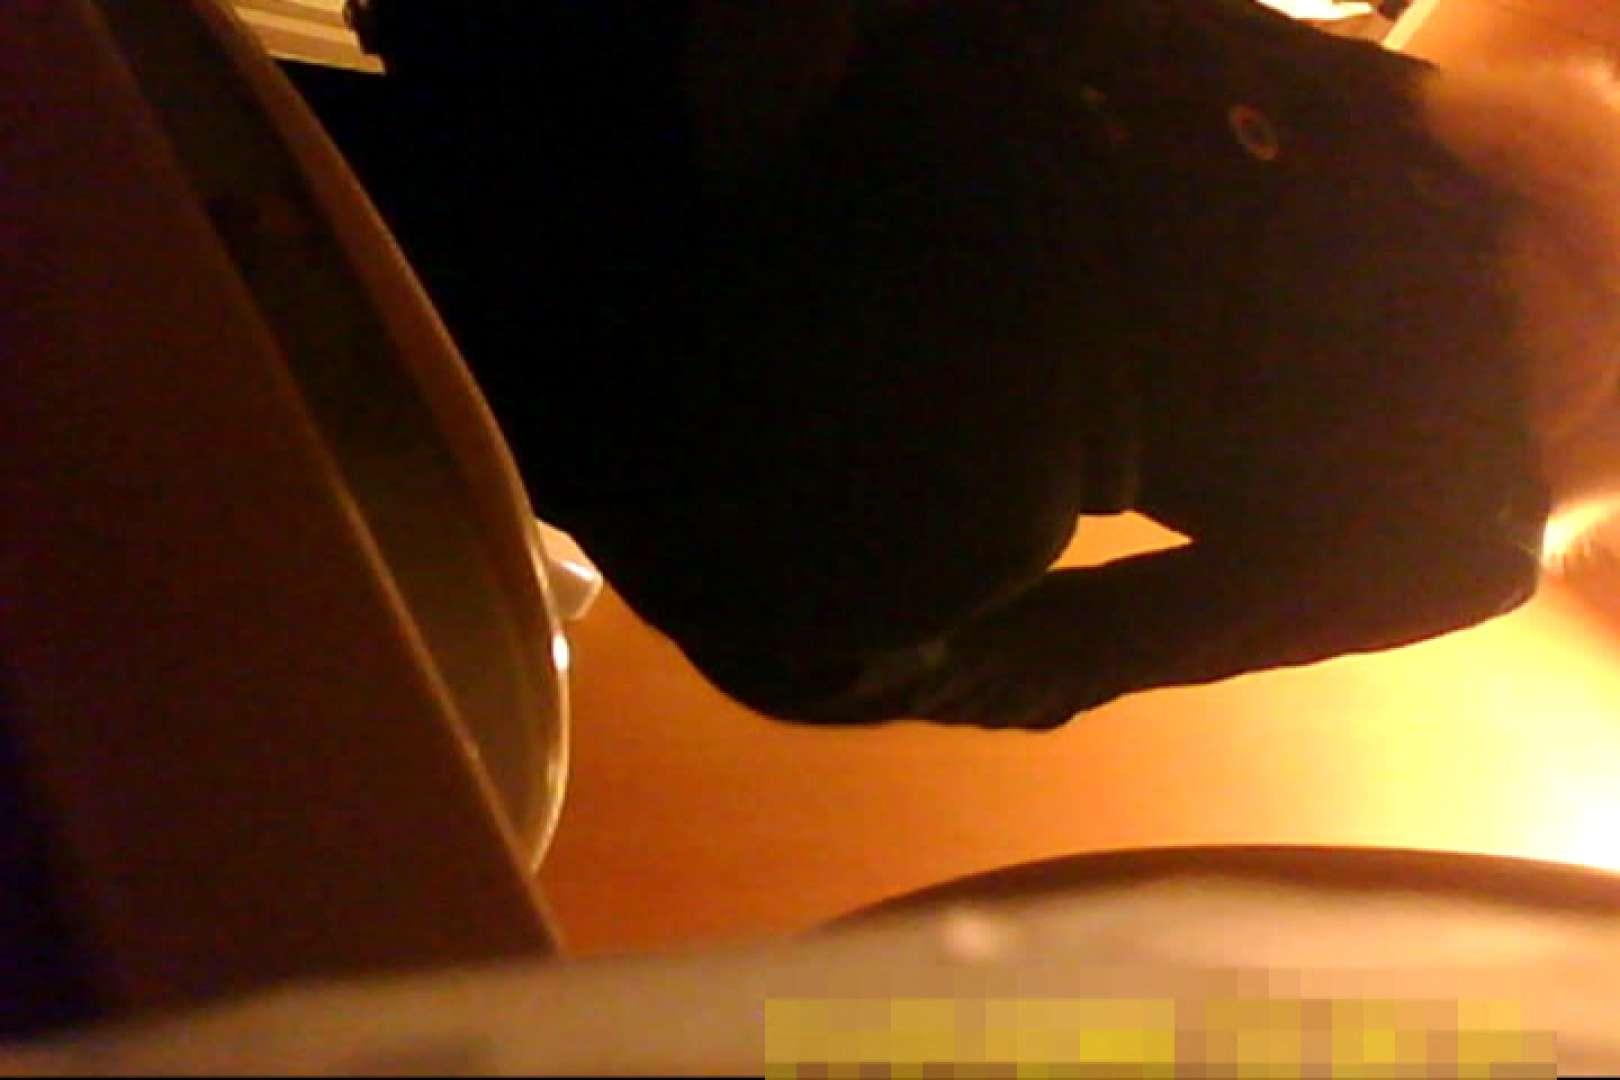 魅惑の化粧室~禁断のプライベート空間~vol.7 プライベート | 洗面所  79pic 28